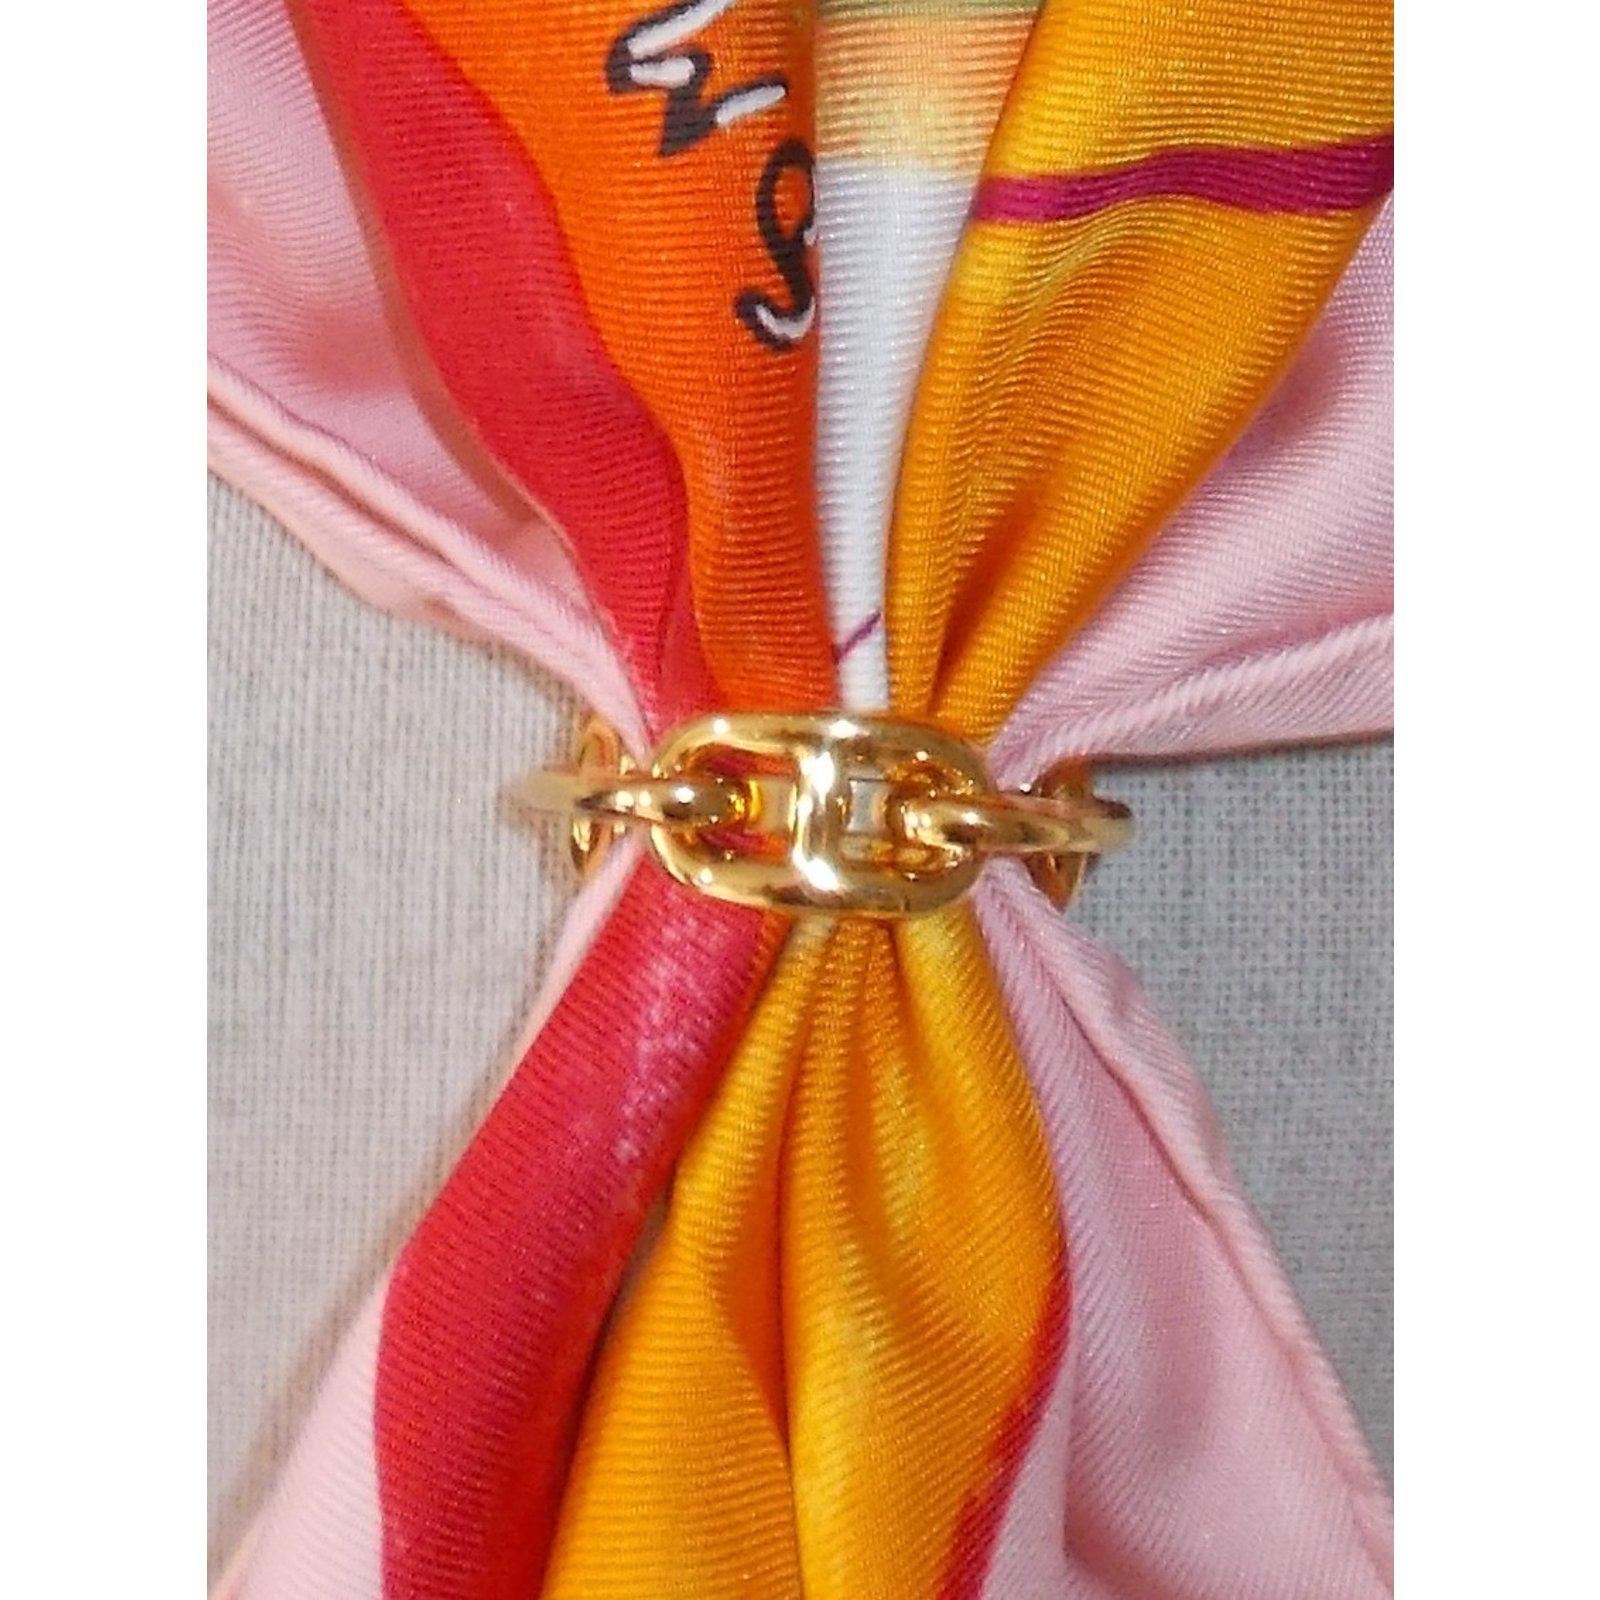 d698494a8ec Carrés Hermès Anneau de foulard Régate Chaine d Ancre Métal Doré ref.34847  - Joli Closet